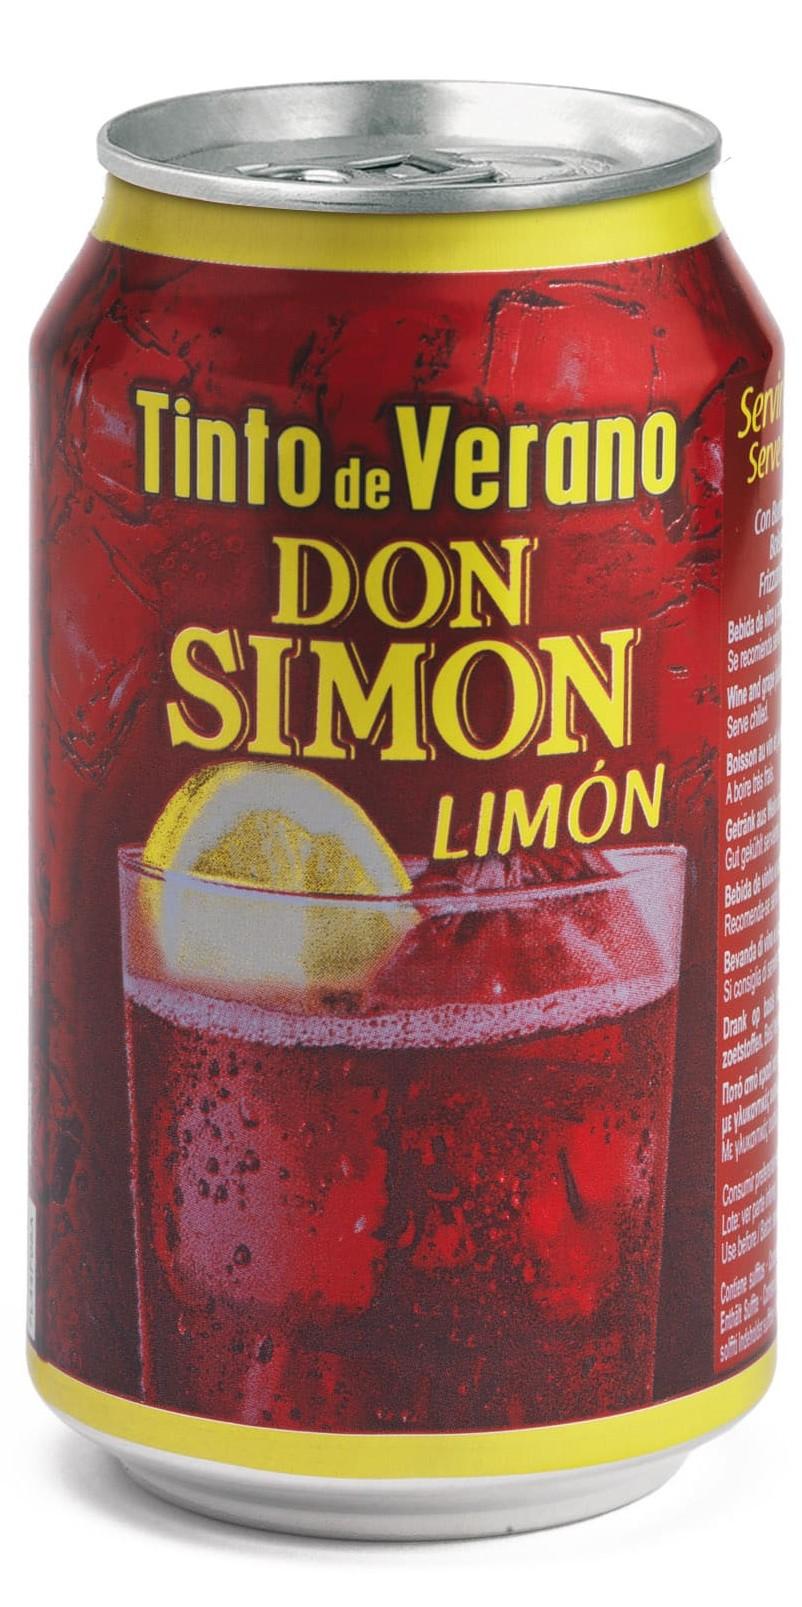 Tinto De Verano Don Simón Sabor Limón Lata 330ml